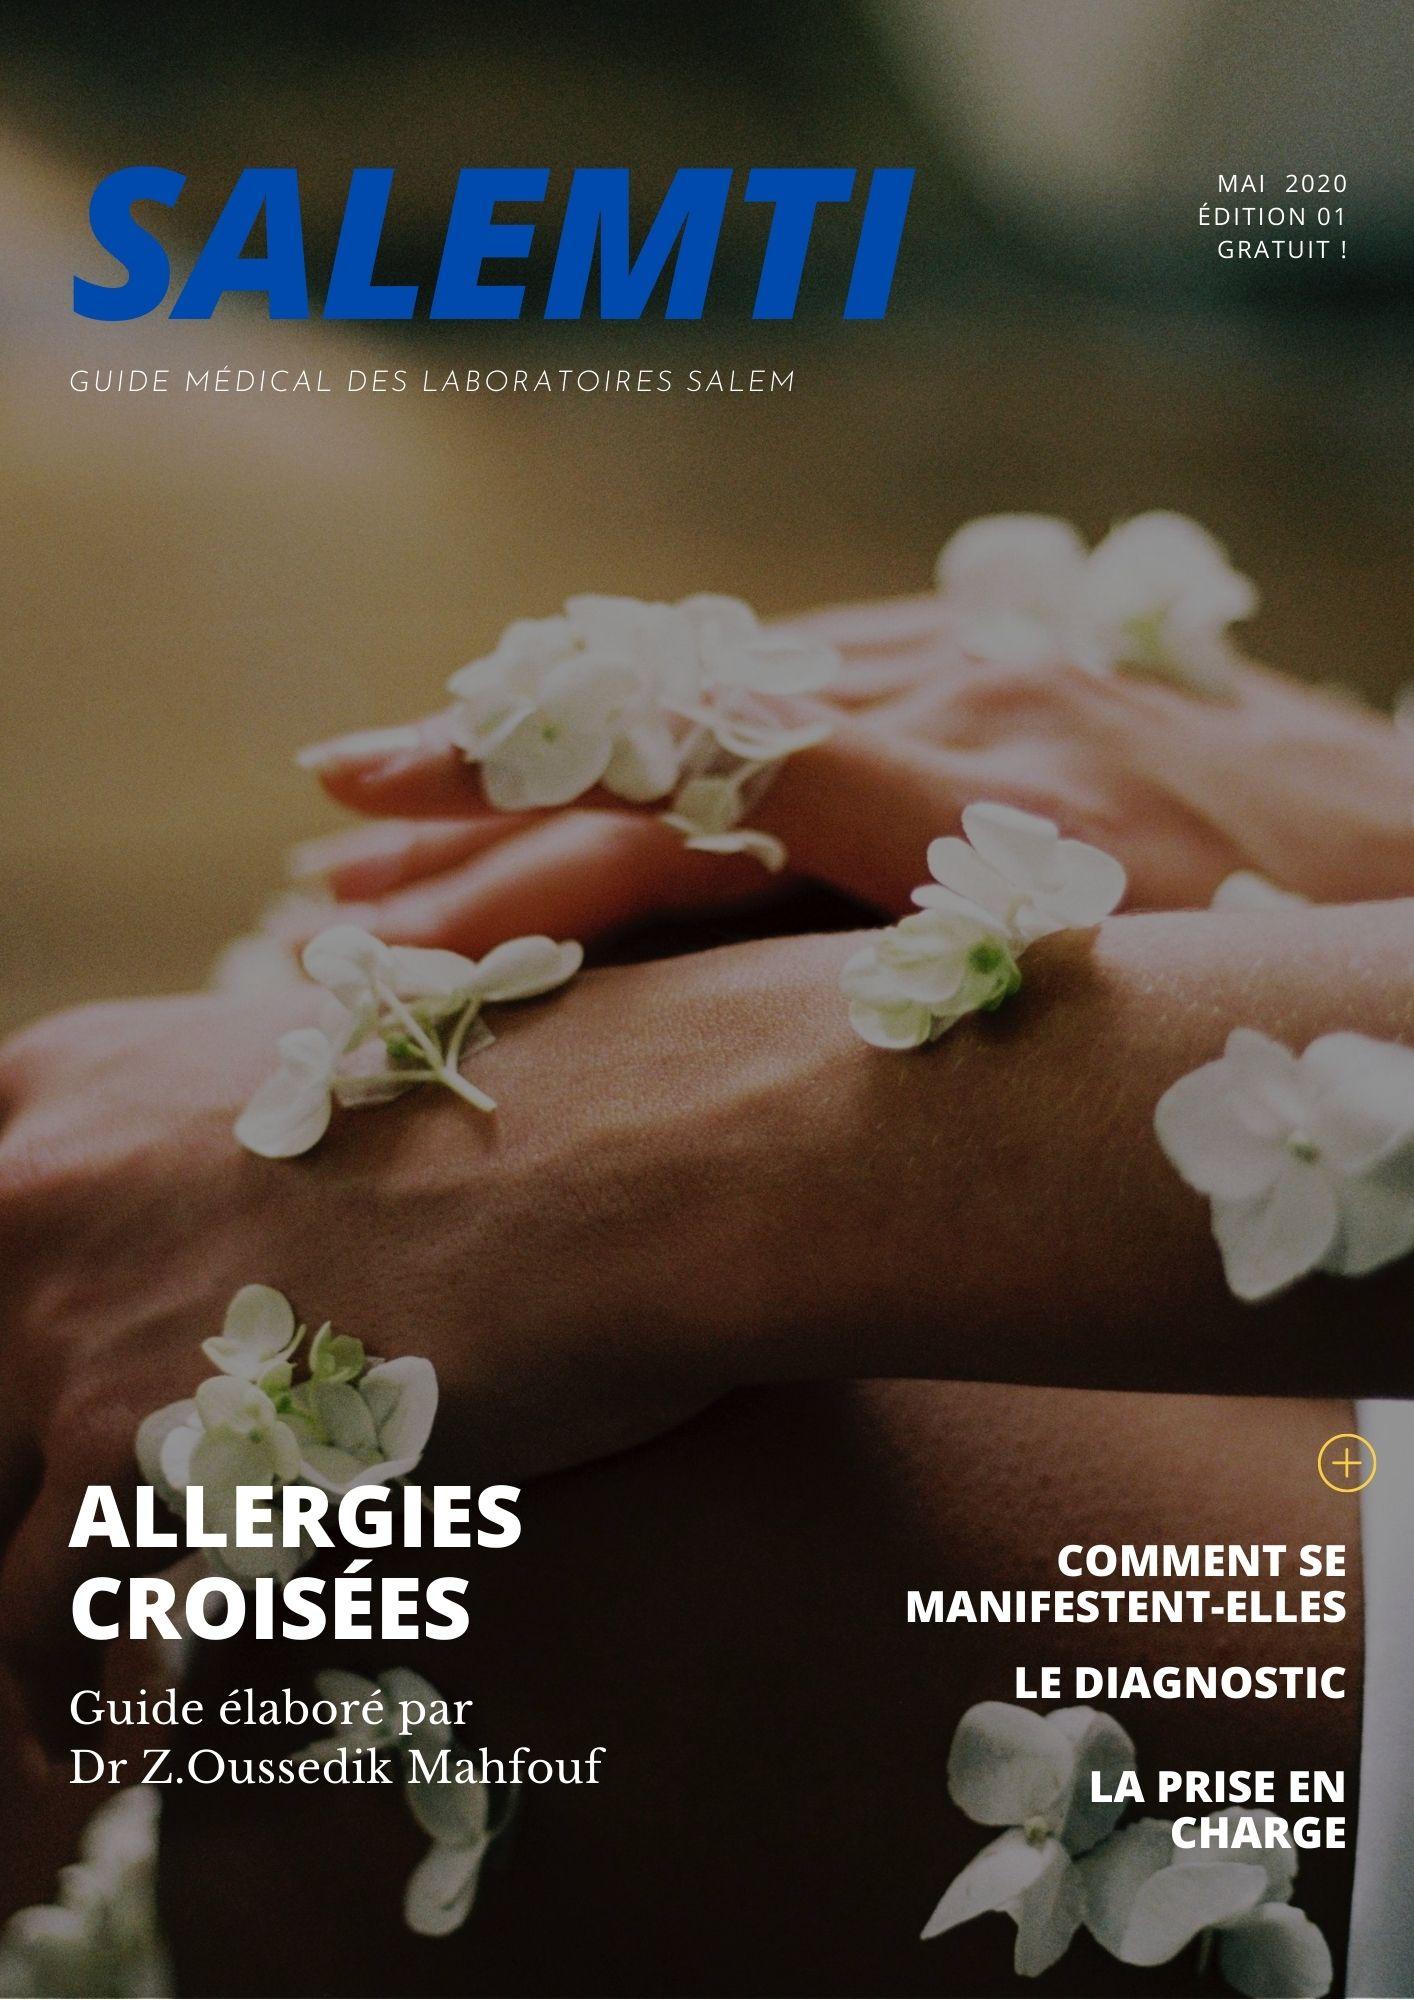 allergie, allergies croisées, intoxication, guide, guide santé, guide laboratoires salem, guide labosalem,guide salemti